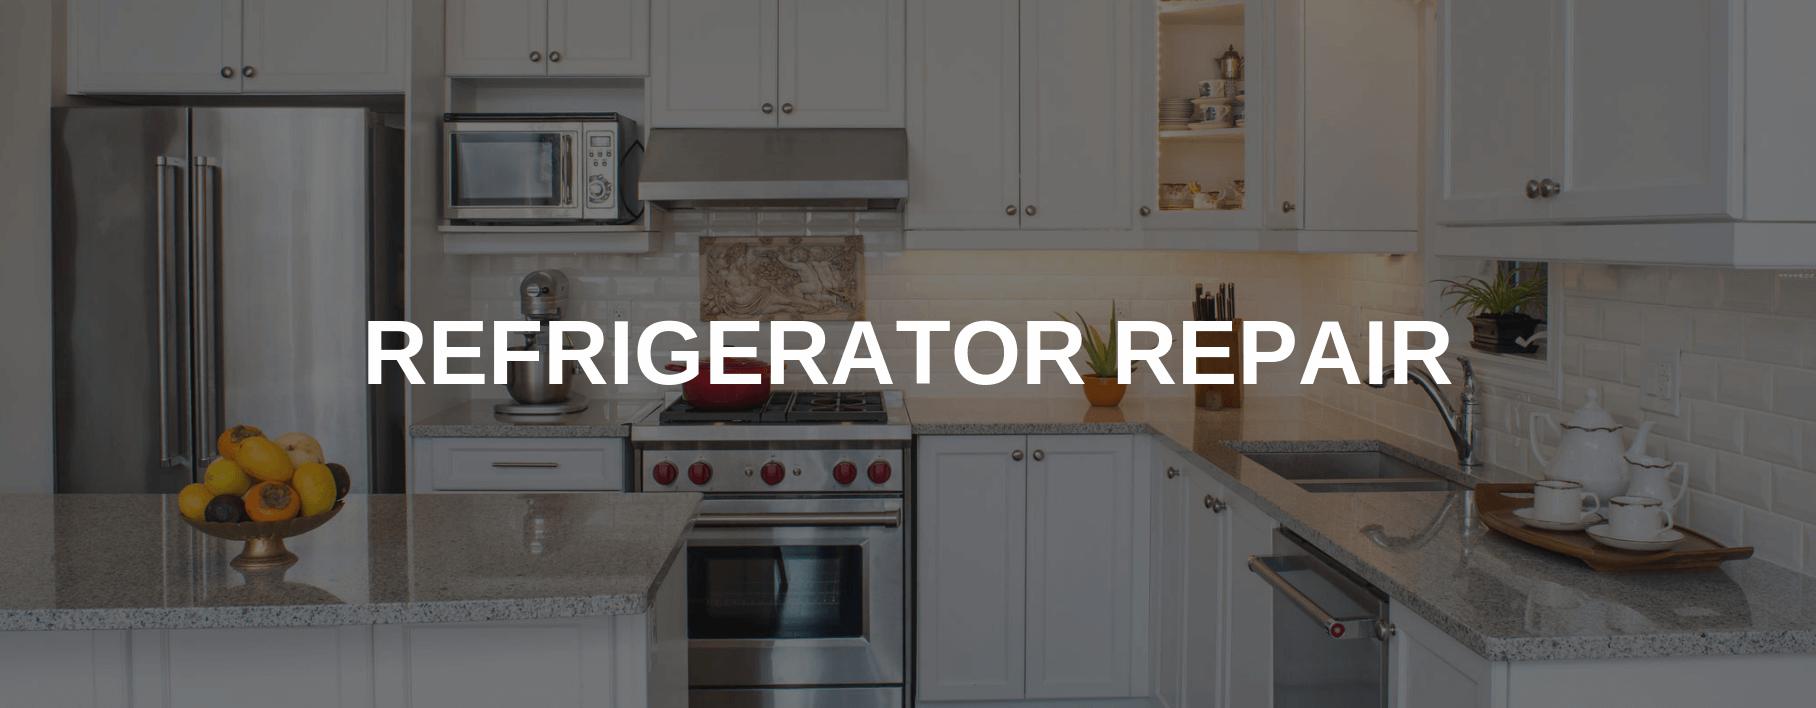 refrigerator repair milford